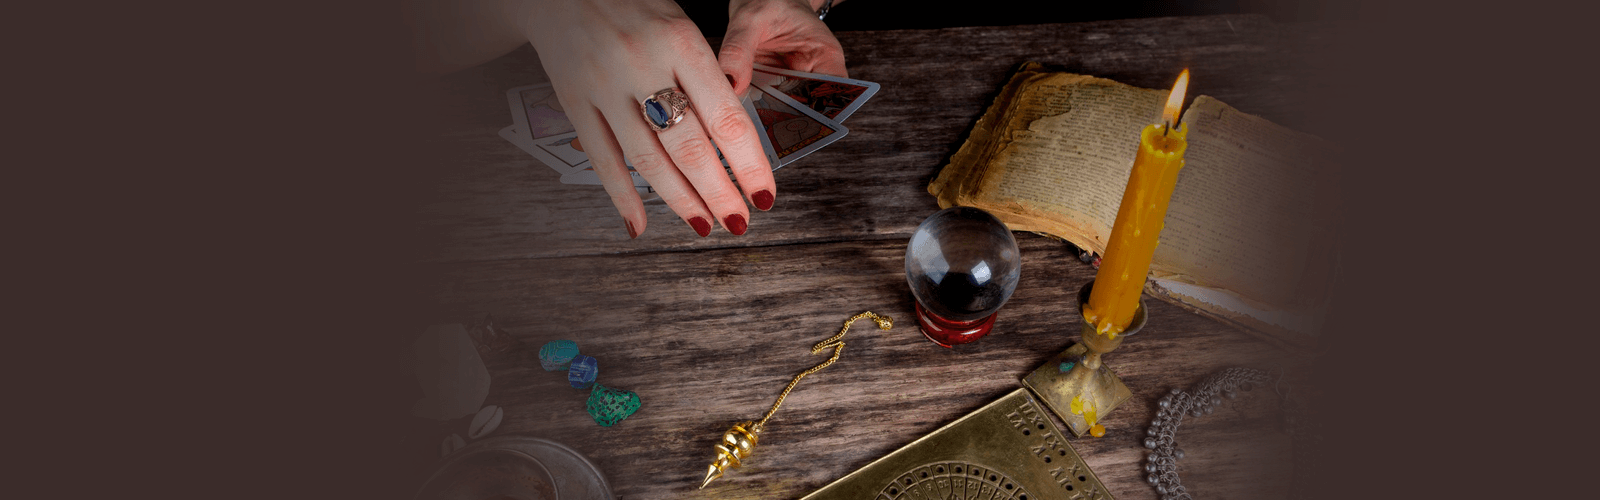 Магические услуги. В чем подвох | Расшифровка понятий